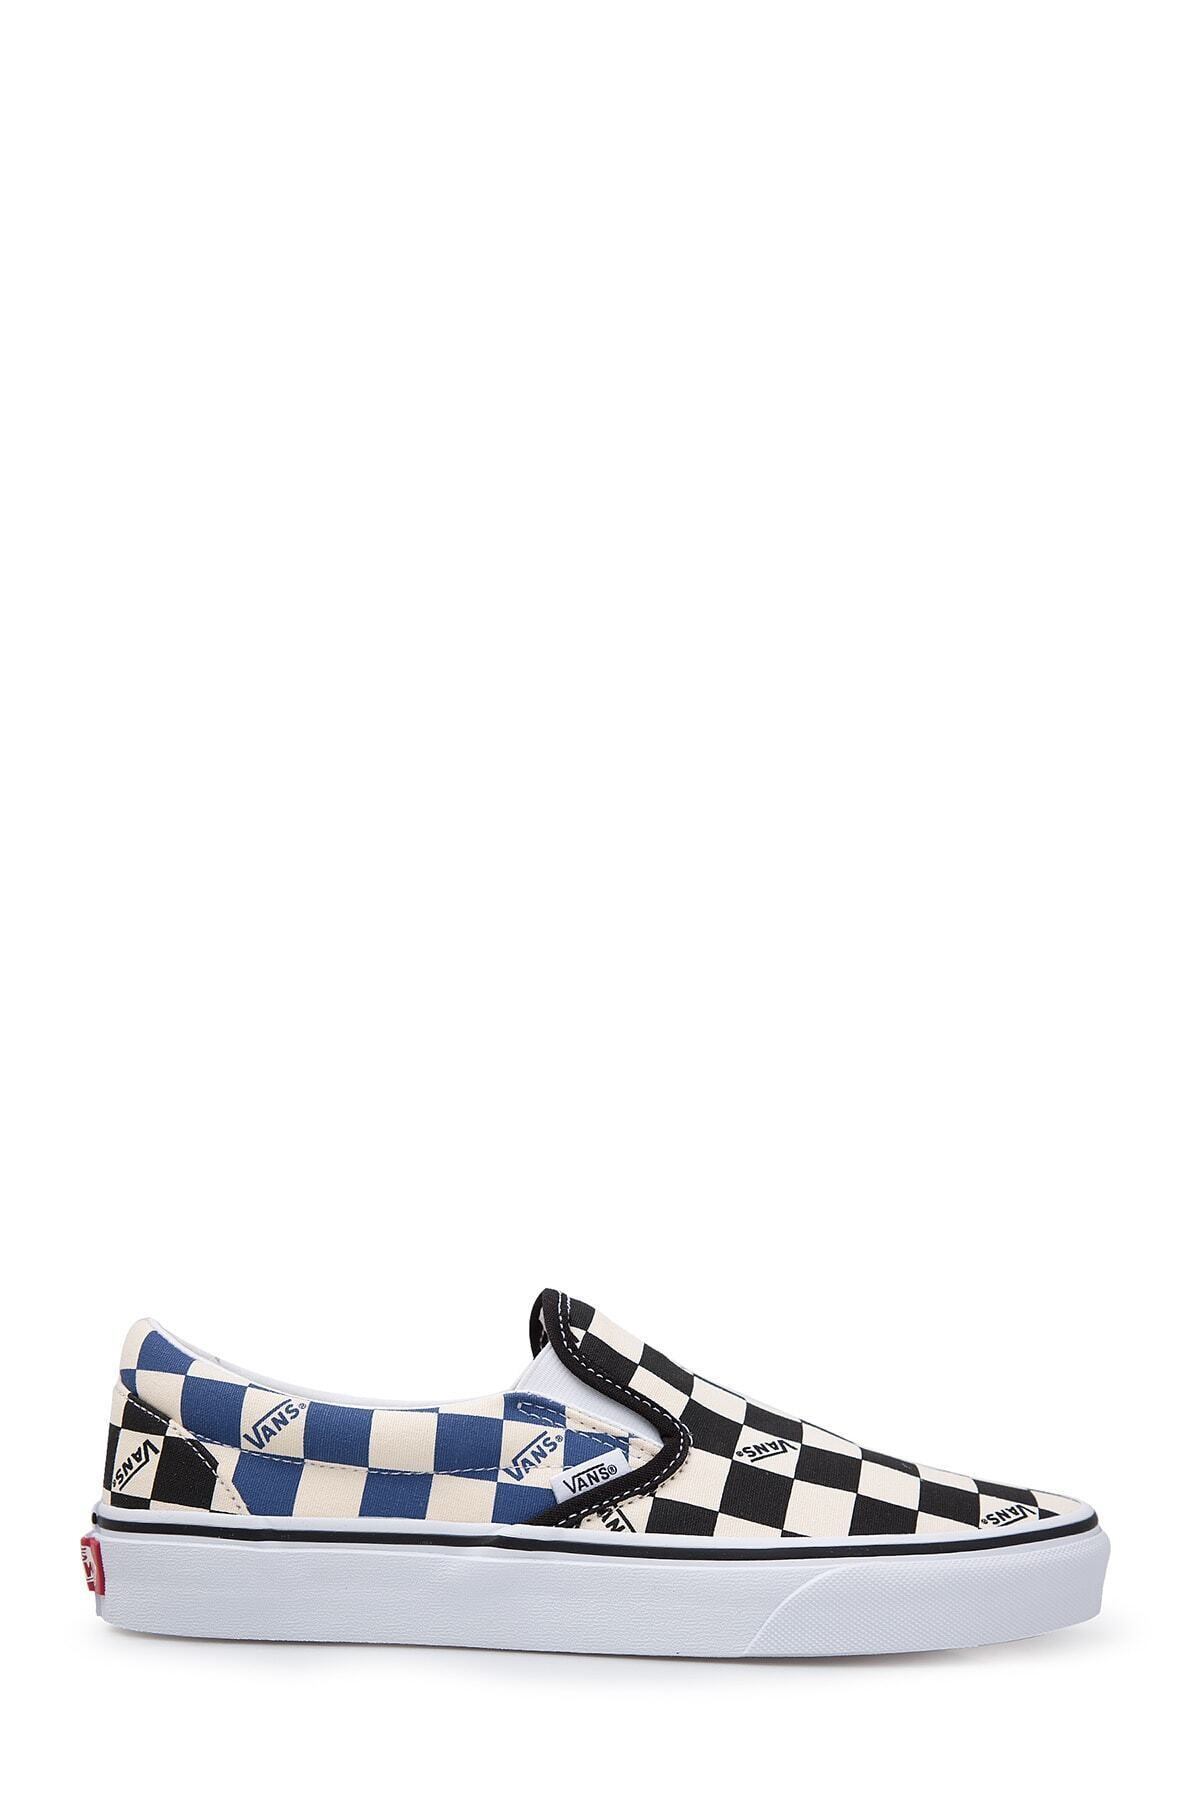 Vans Unisex Siyah Desenli Sneaker Ayakkabı 1